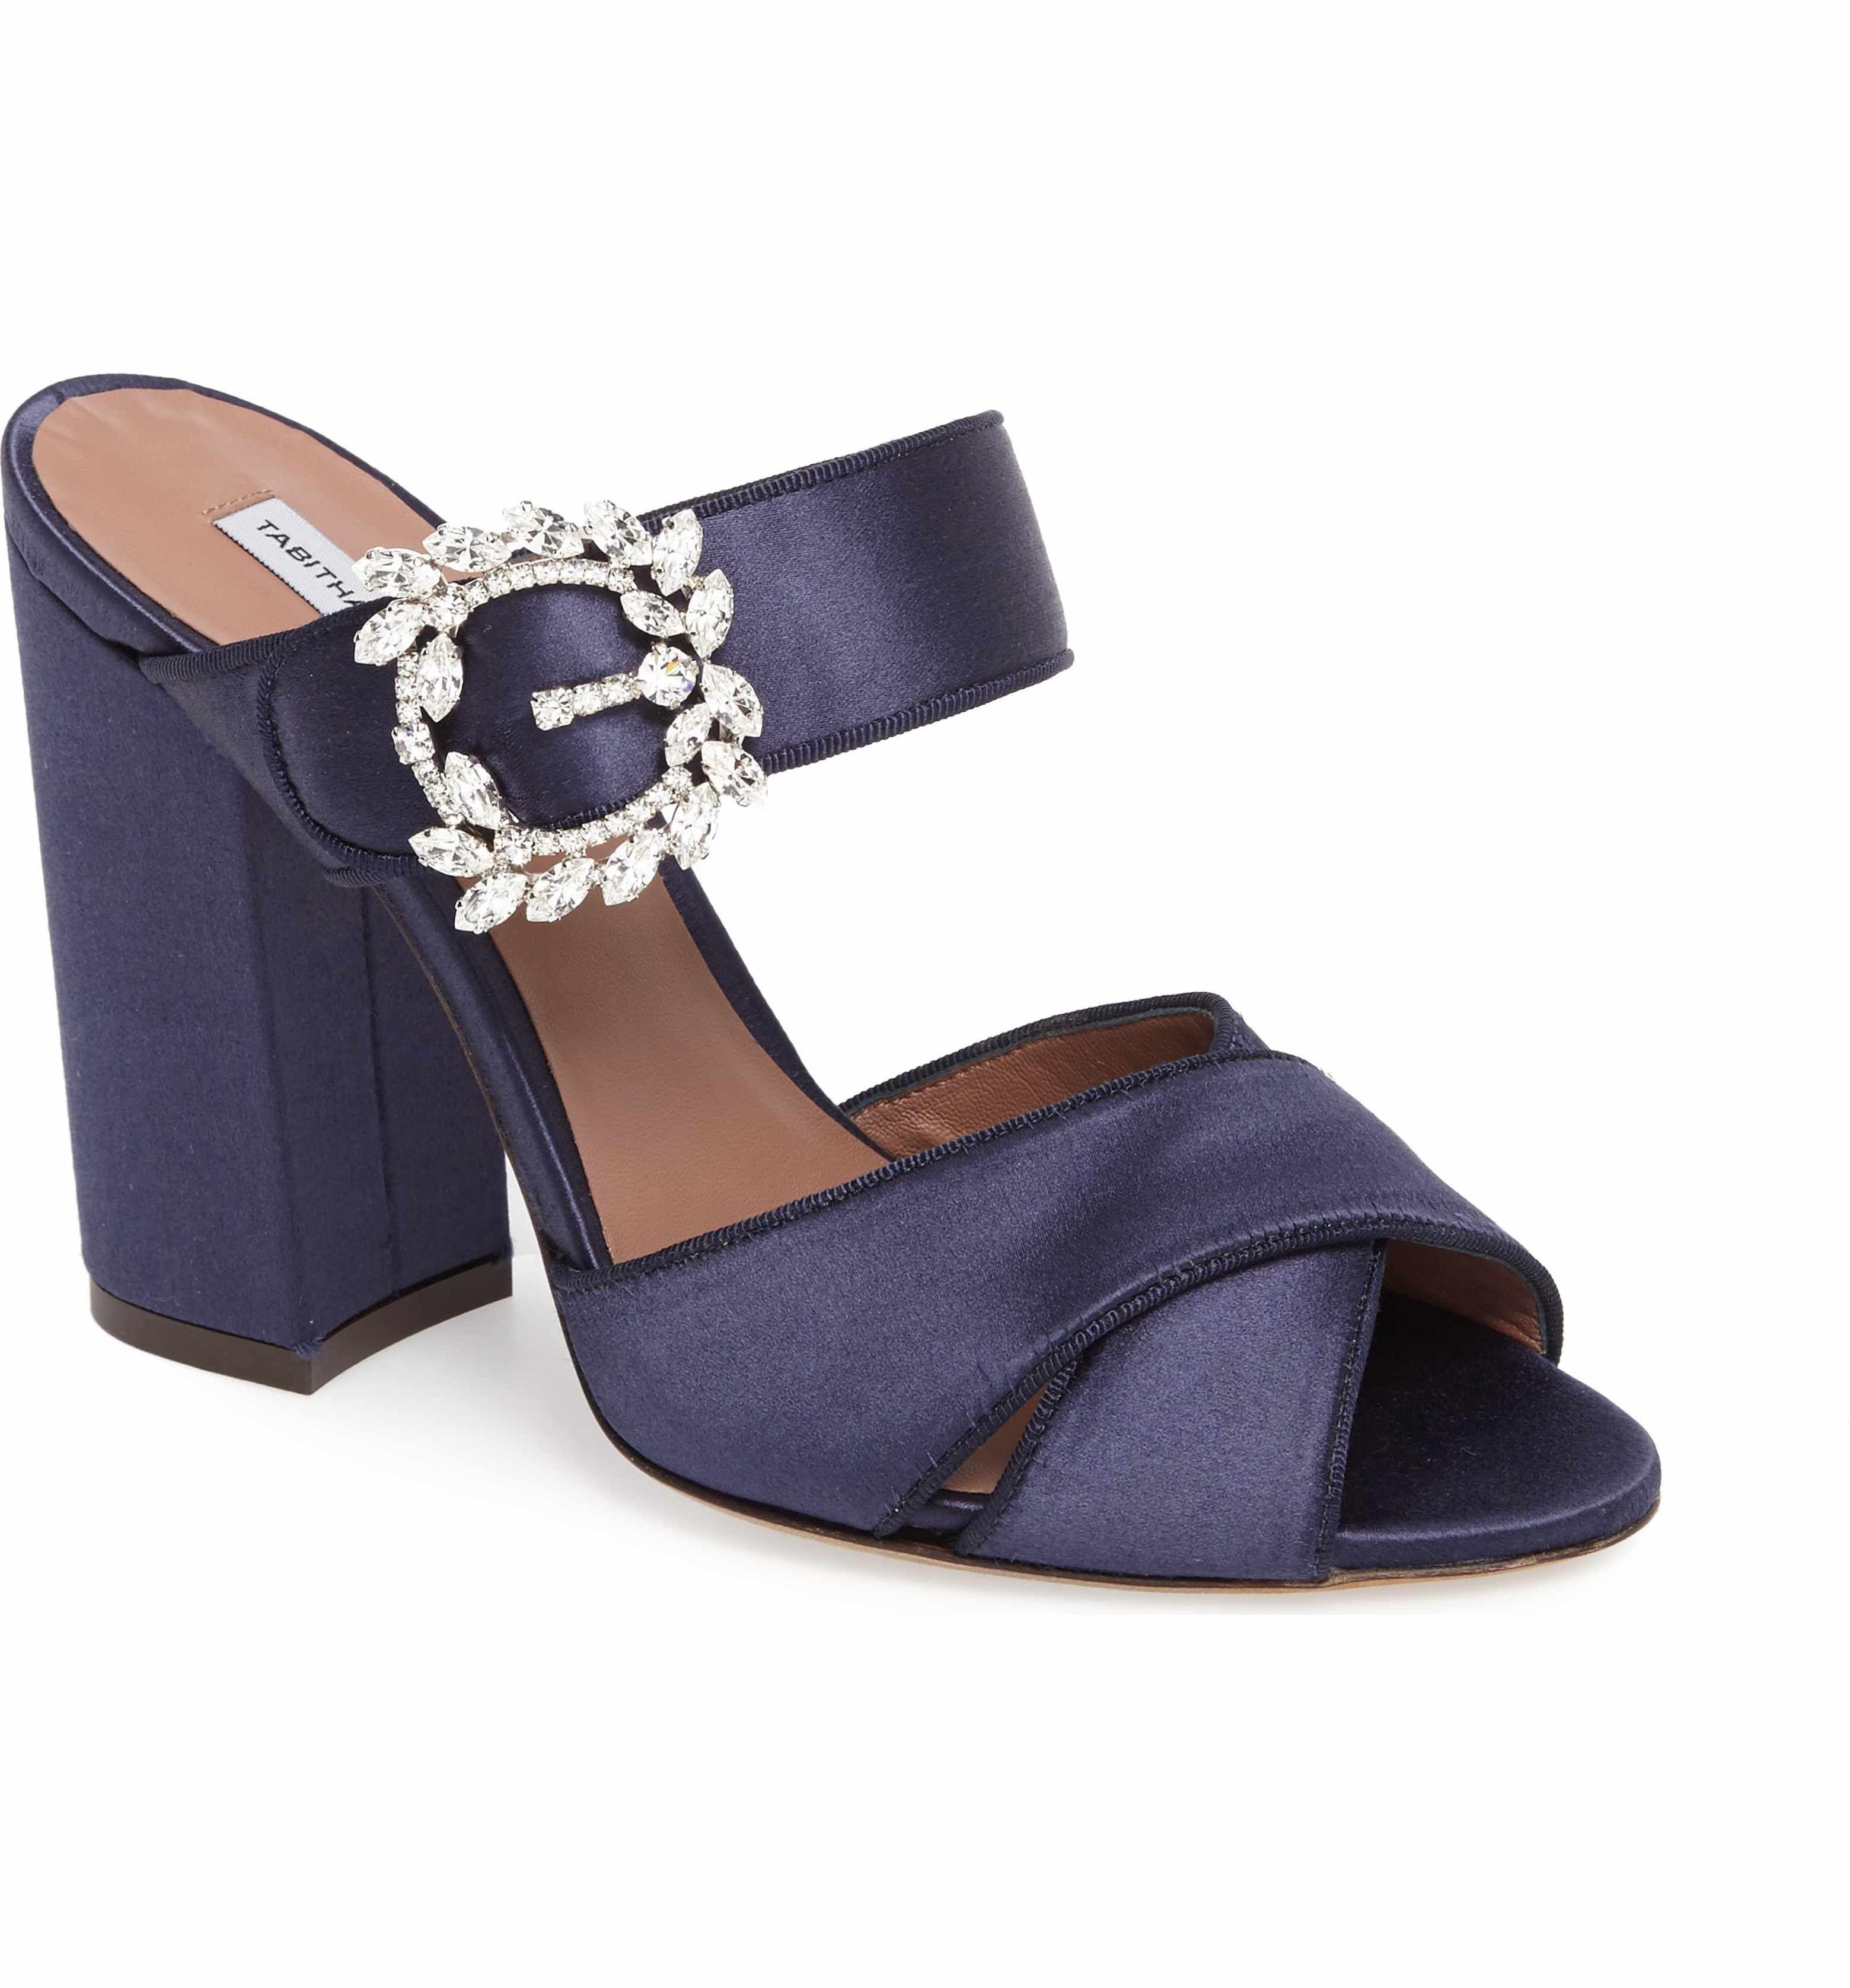 Reyner satin block heel sandals Tabitha Simmons HSFtfrkgkt